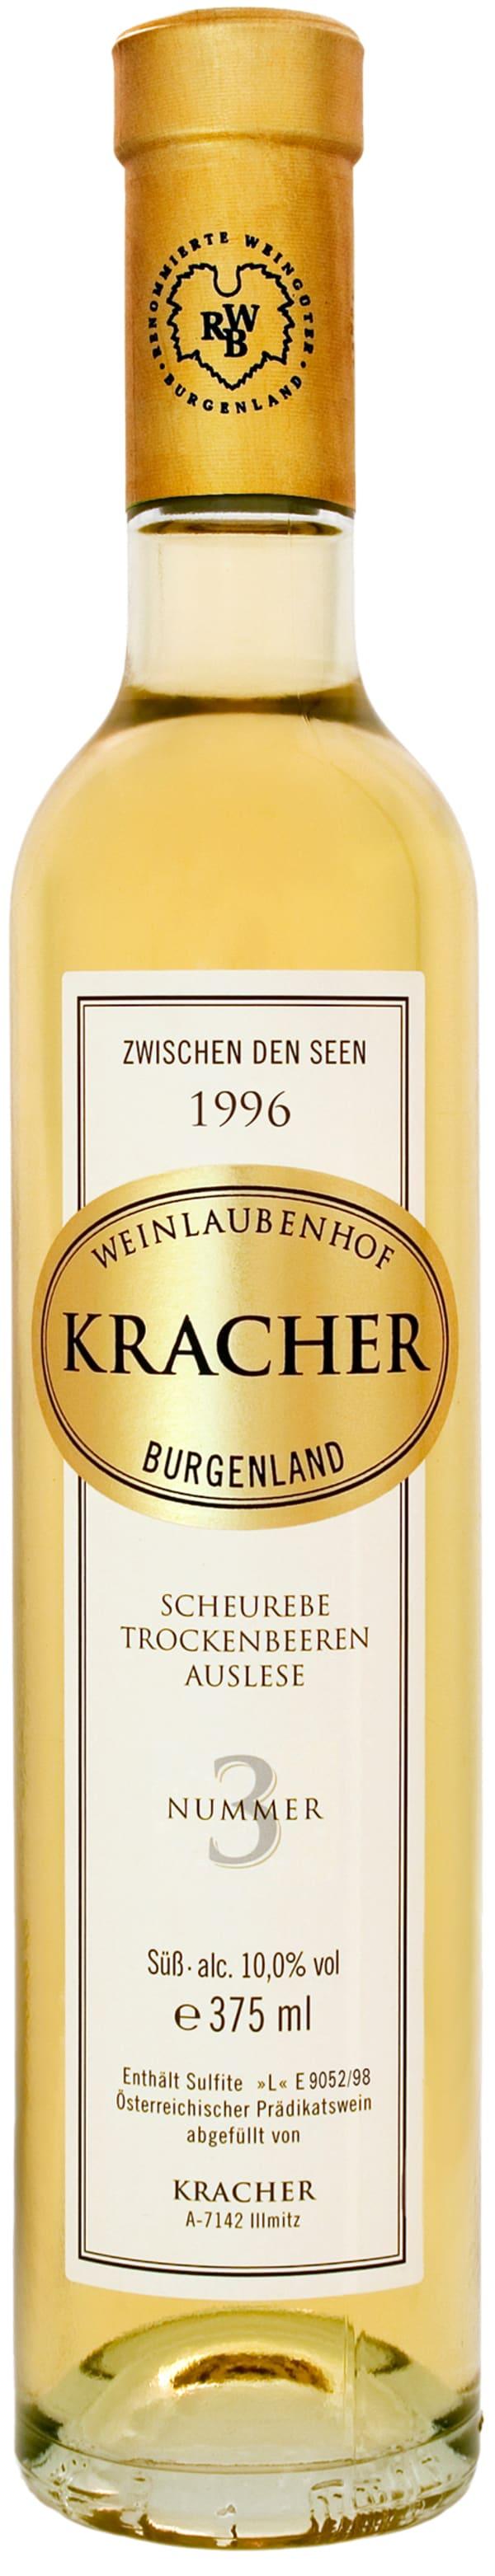 Kracher Scheurebe Trockenbeerenauslese Nummer 3 1996